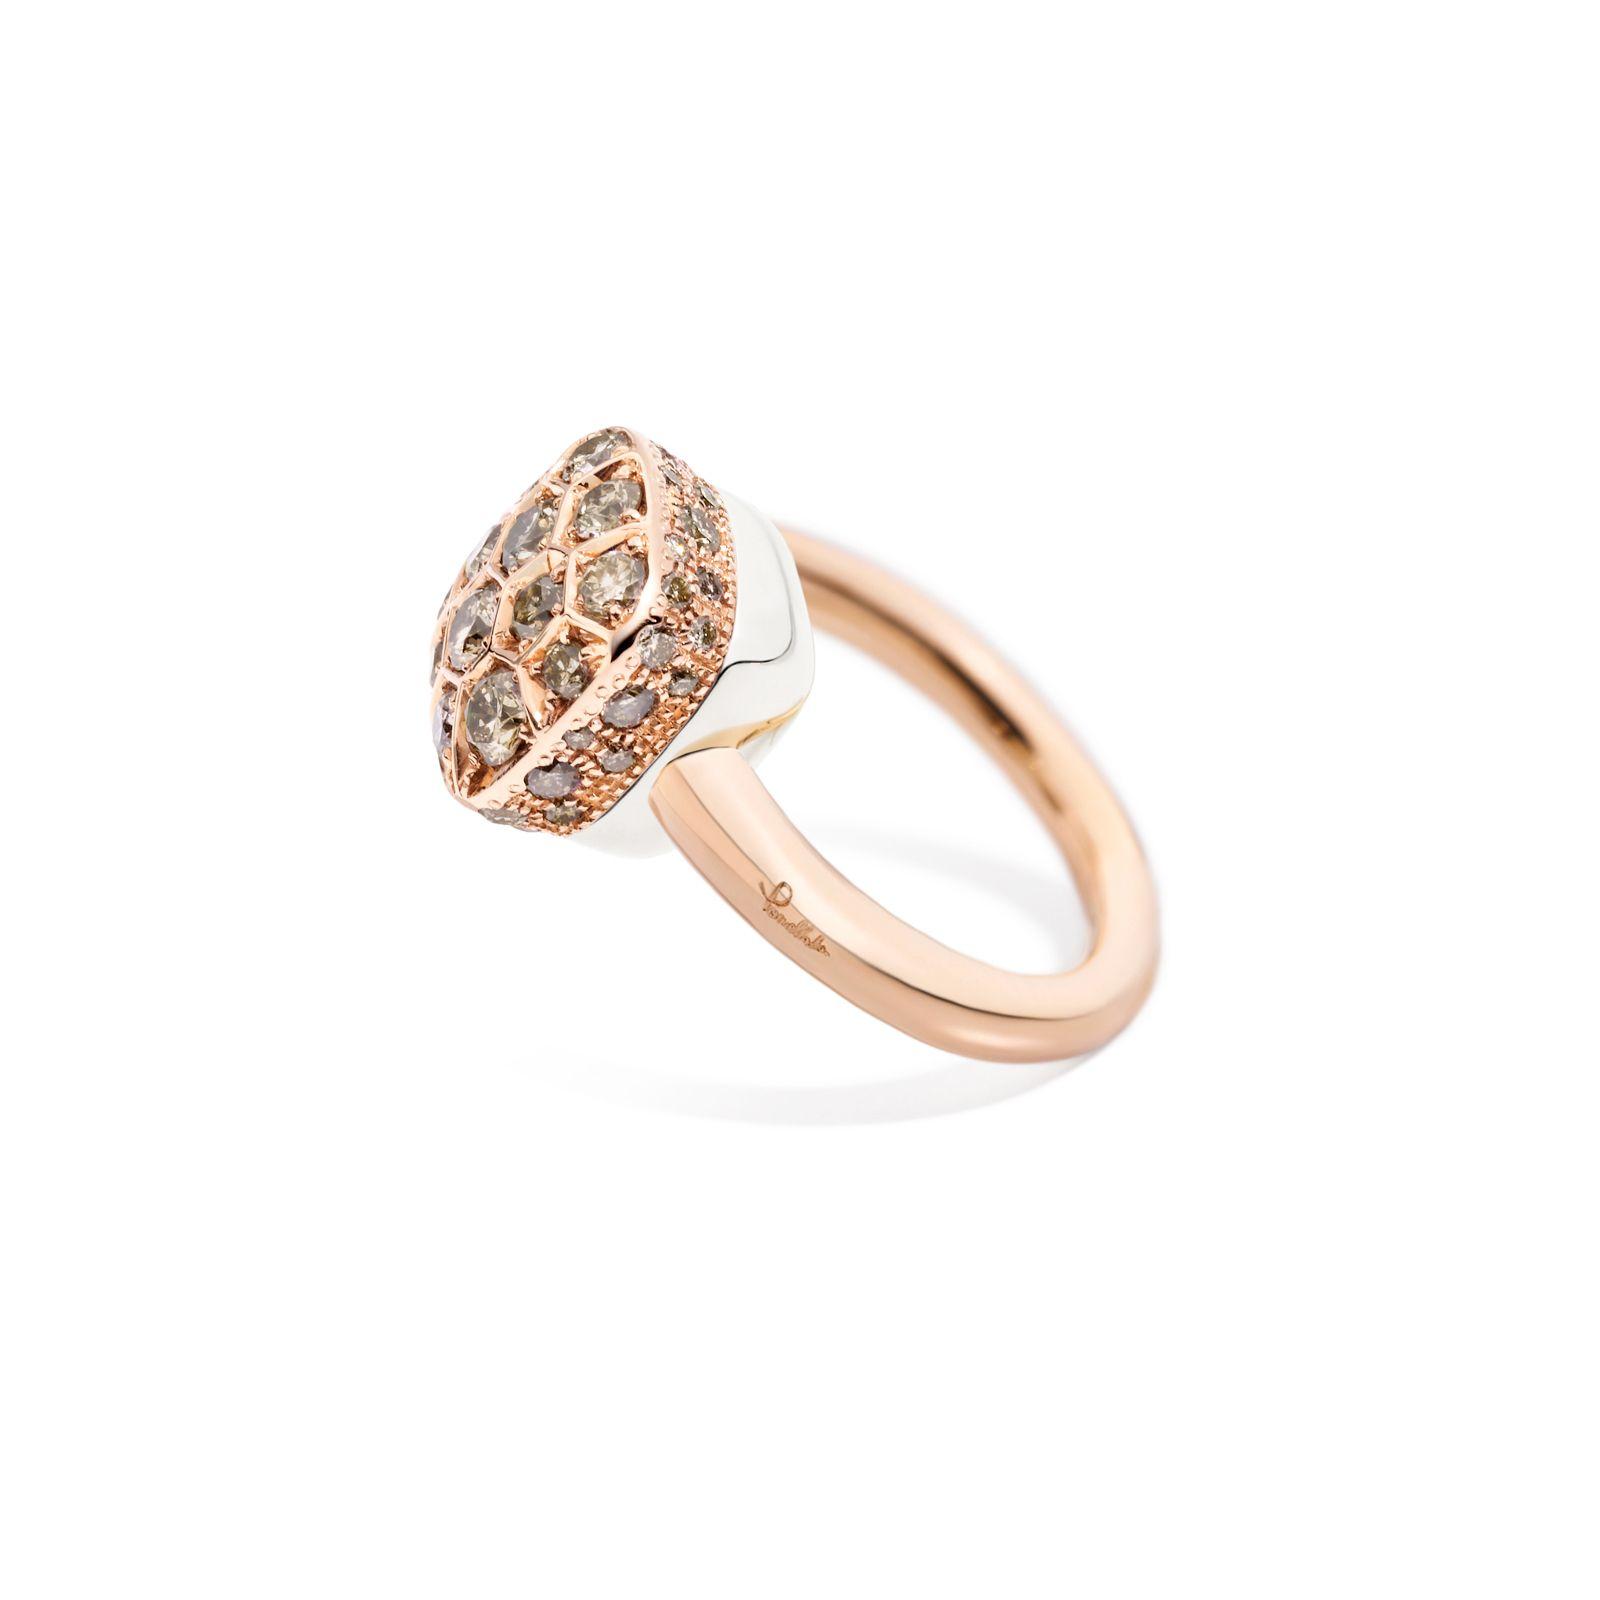 Bague Pomellato Luna en or rose, or blanc et diamants marrons vue 2